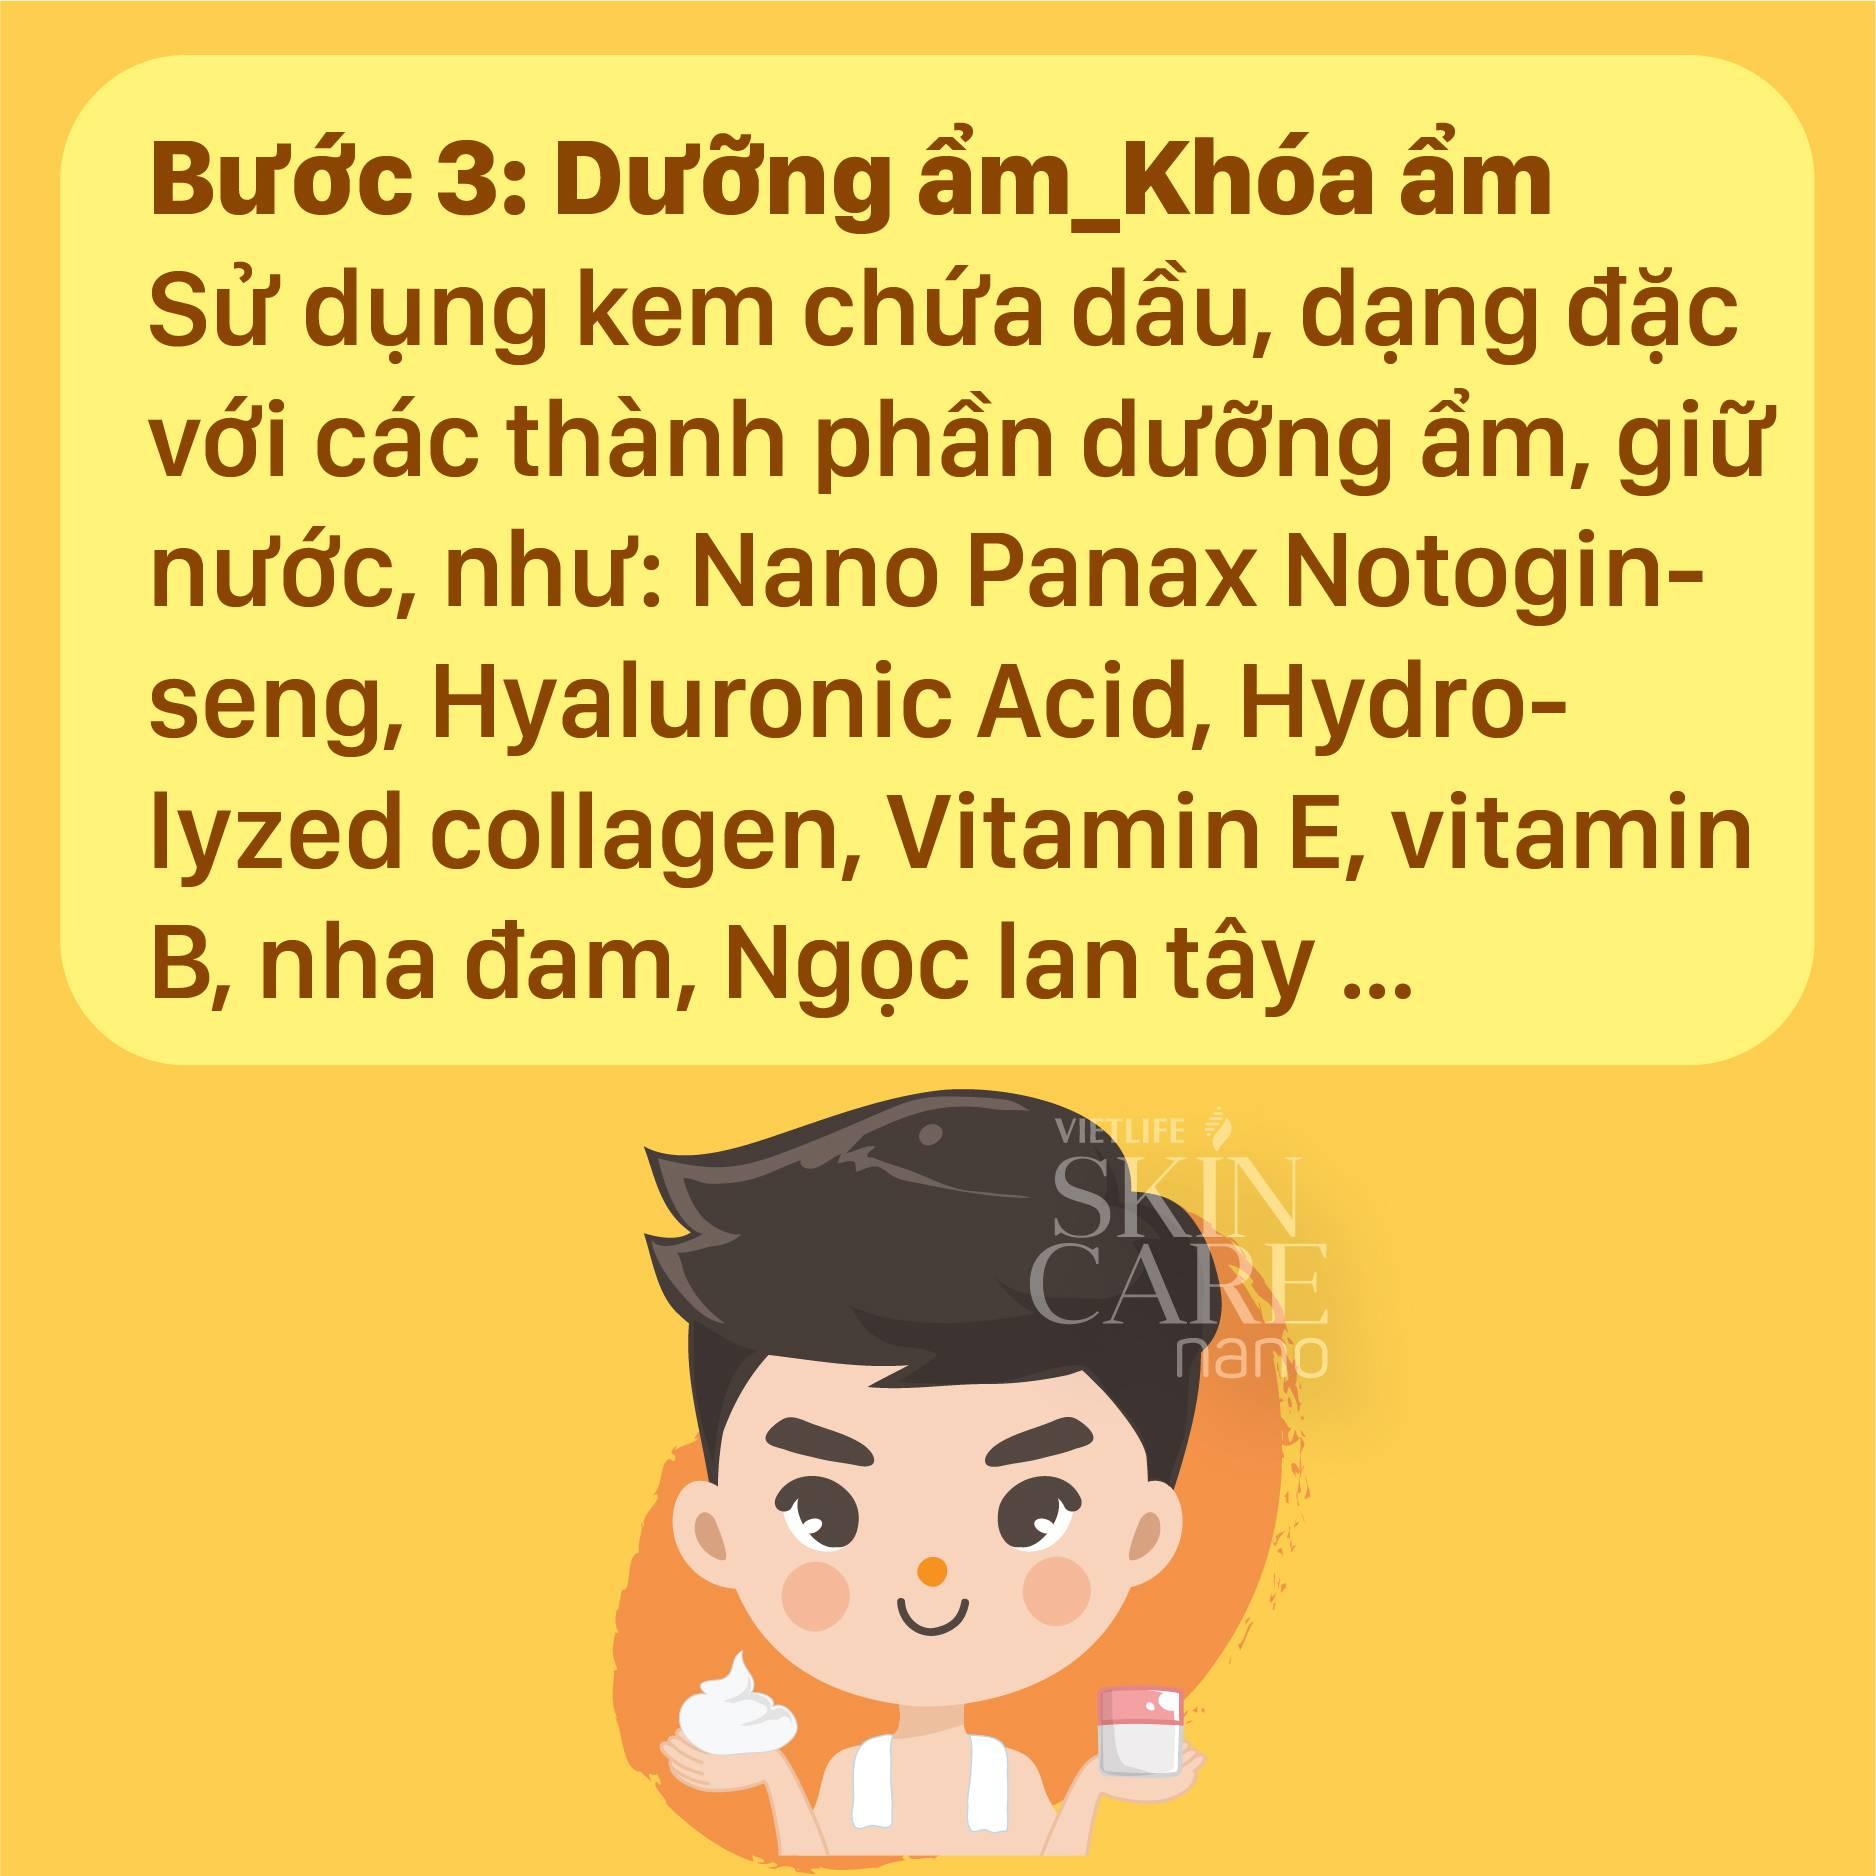 Da khô: các bước dưỡng da cần thiết vào mùa đông